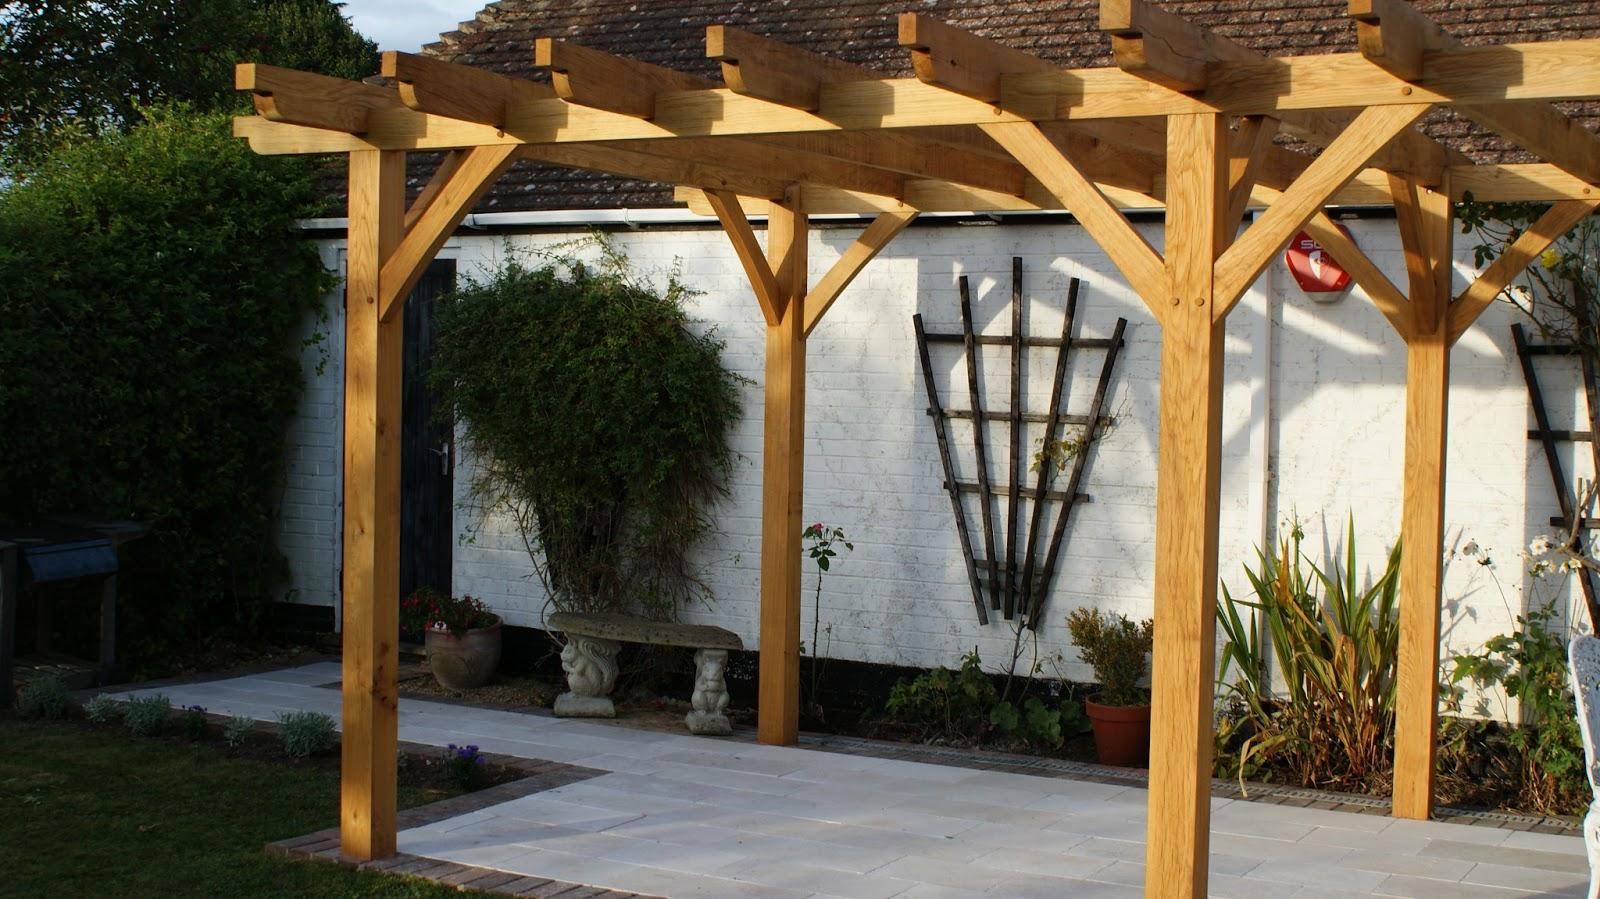 El jardin bueno bonito y barato for Arboles de jardin que den sombra